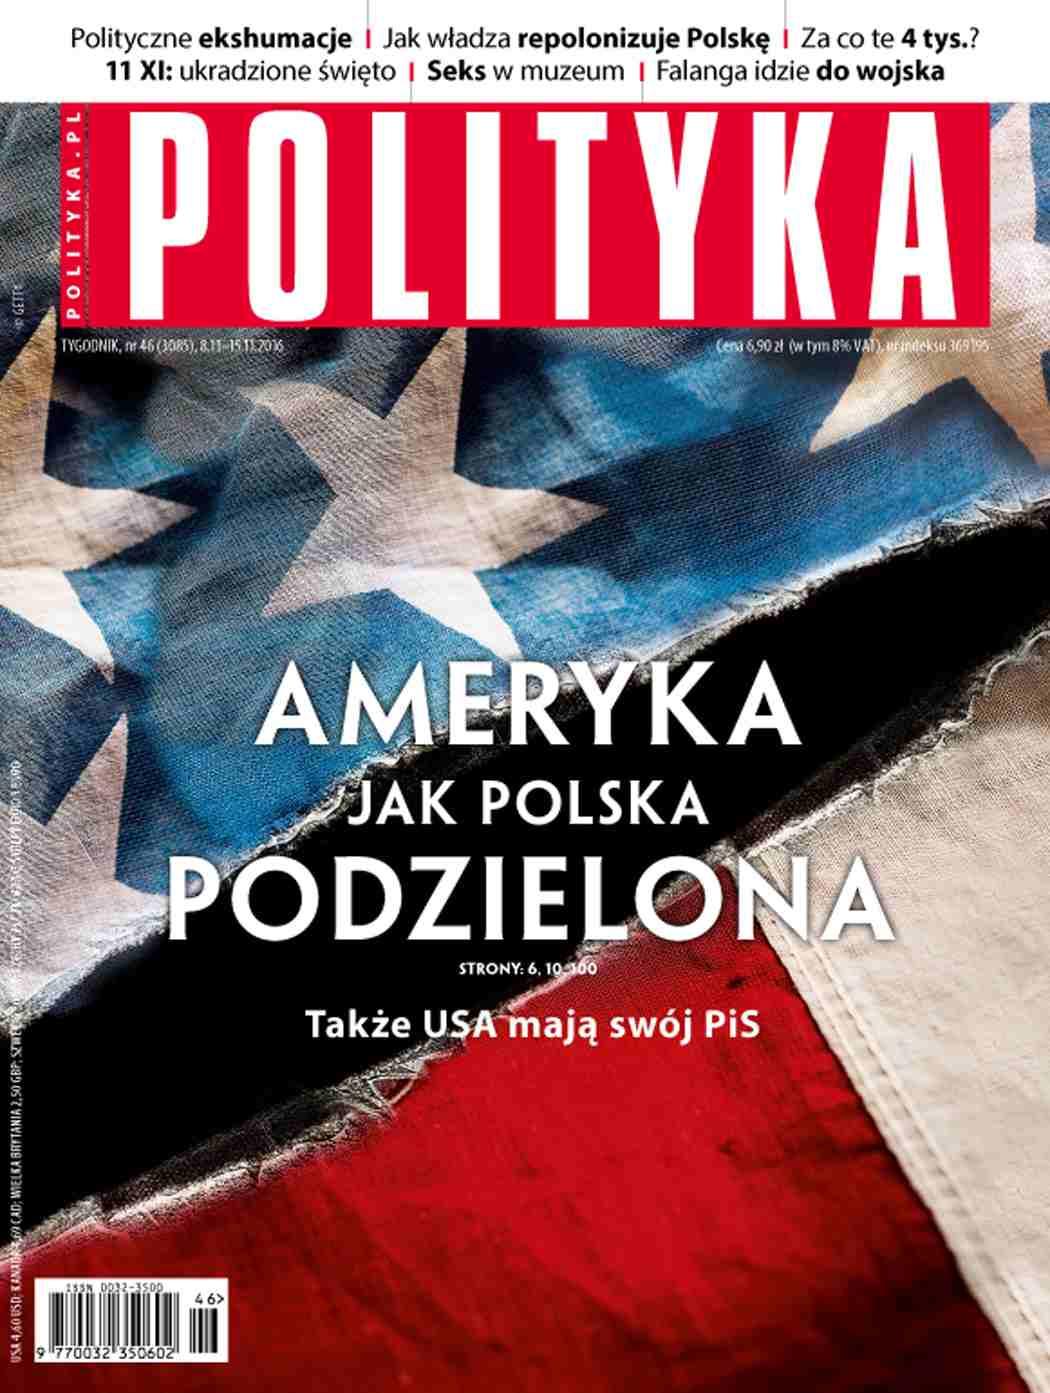 Polityka nr 46/2016 - Ebook (Książka PDF) do pobrania w formacie PDF